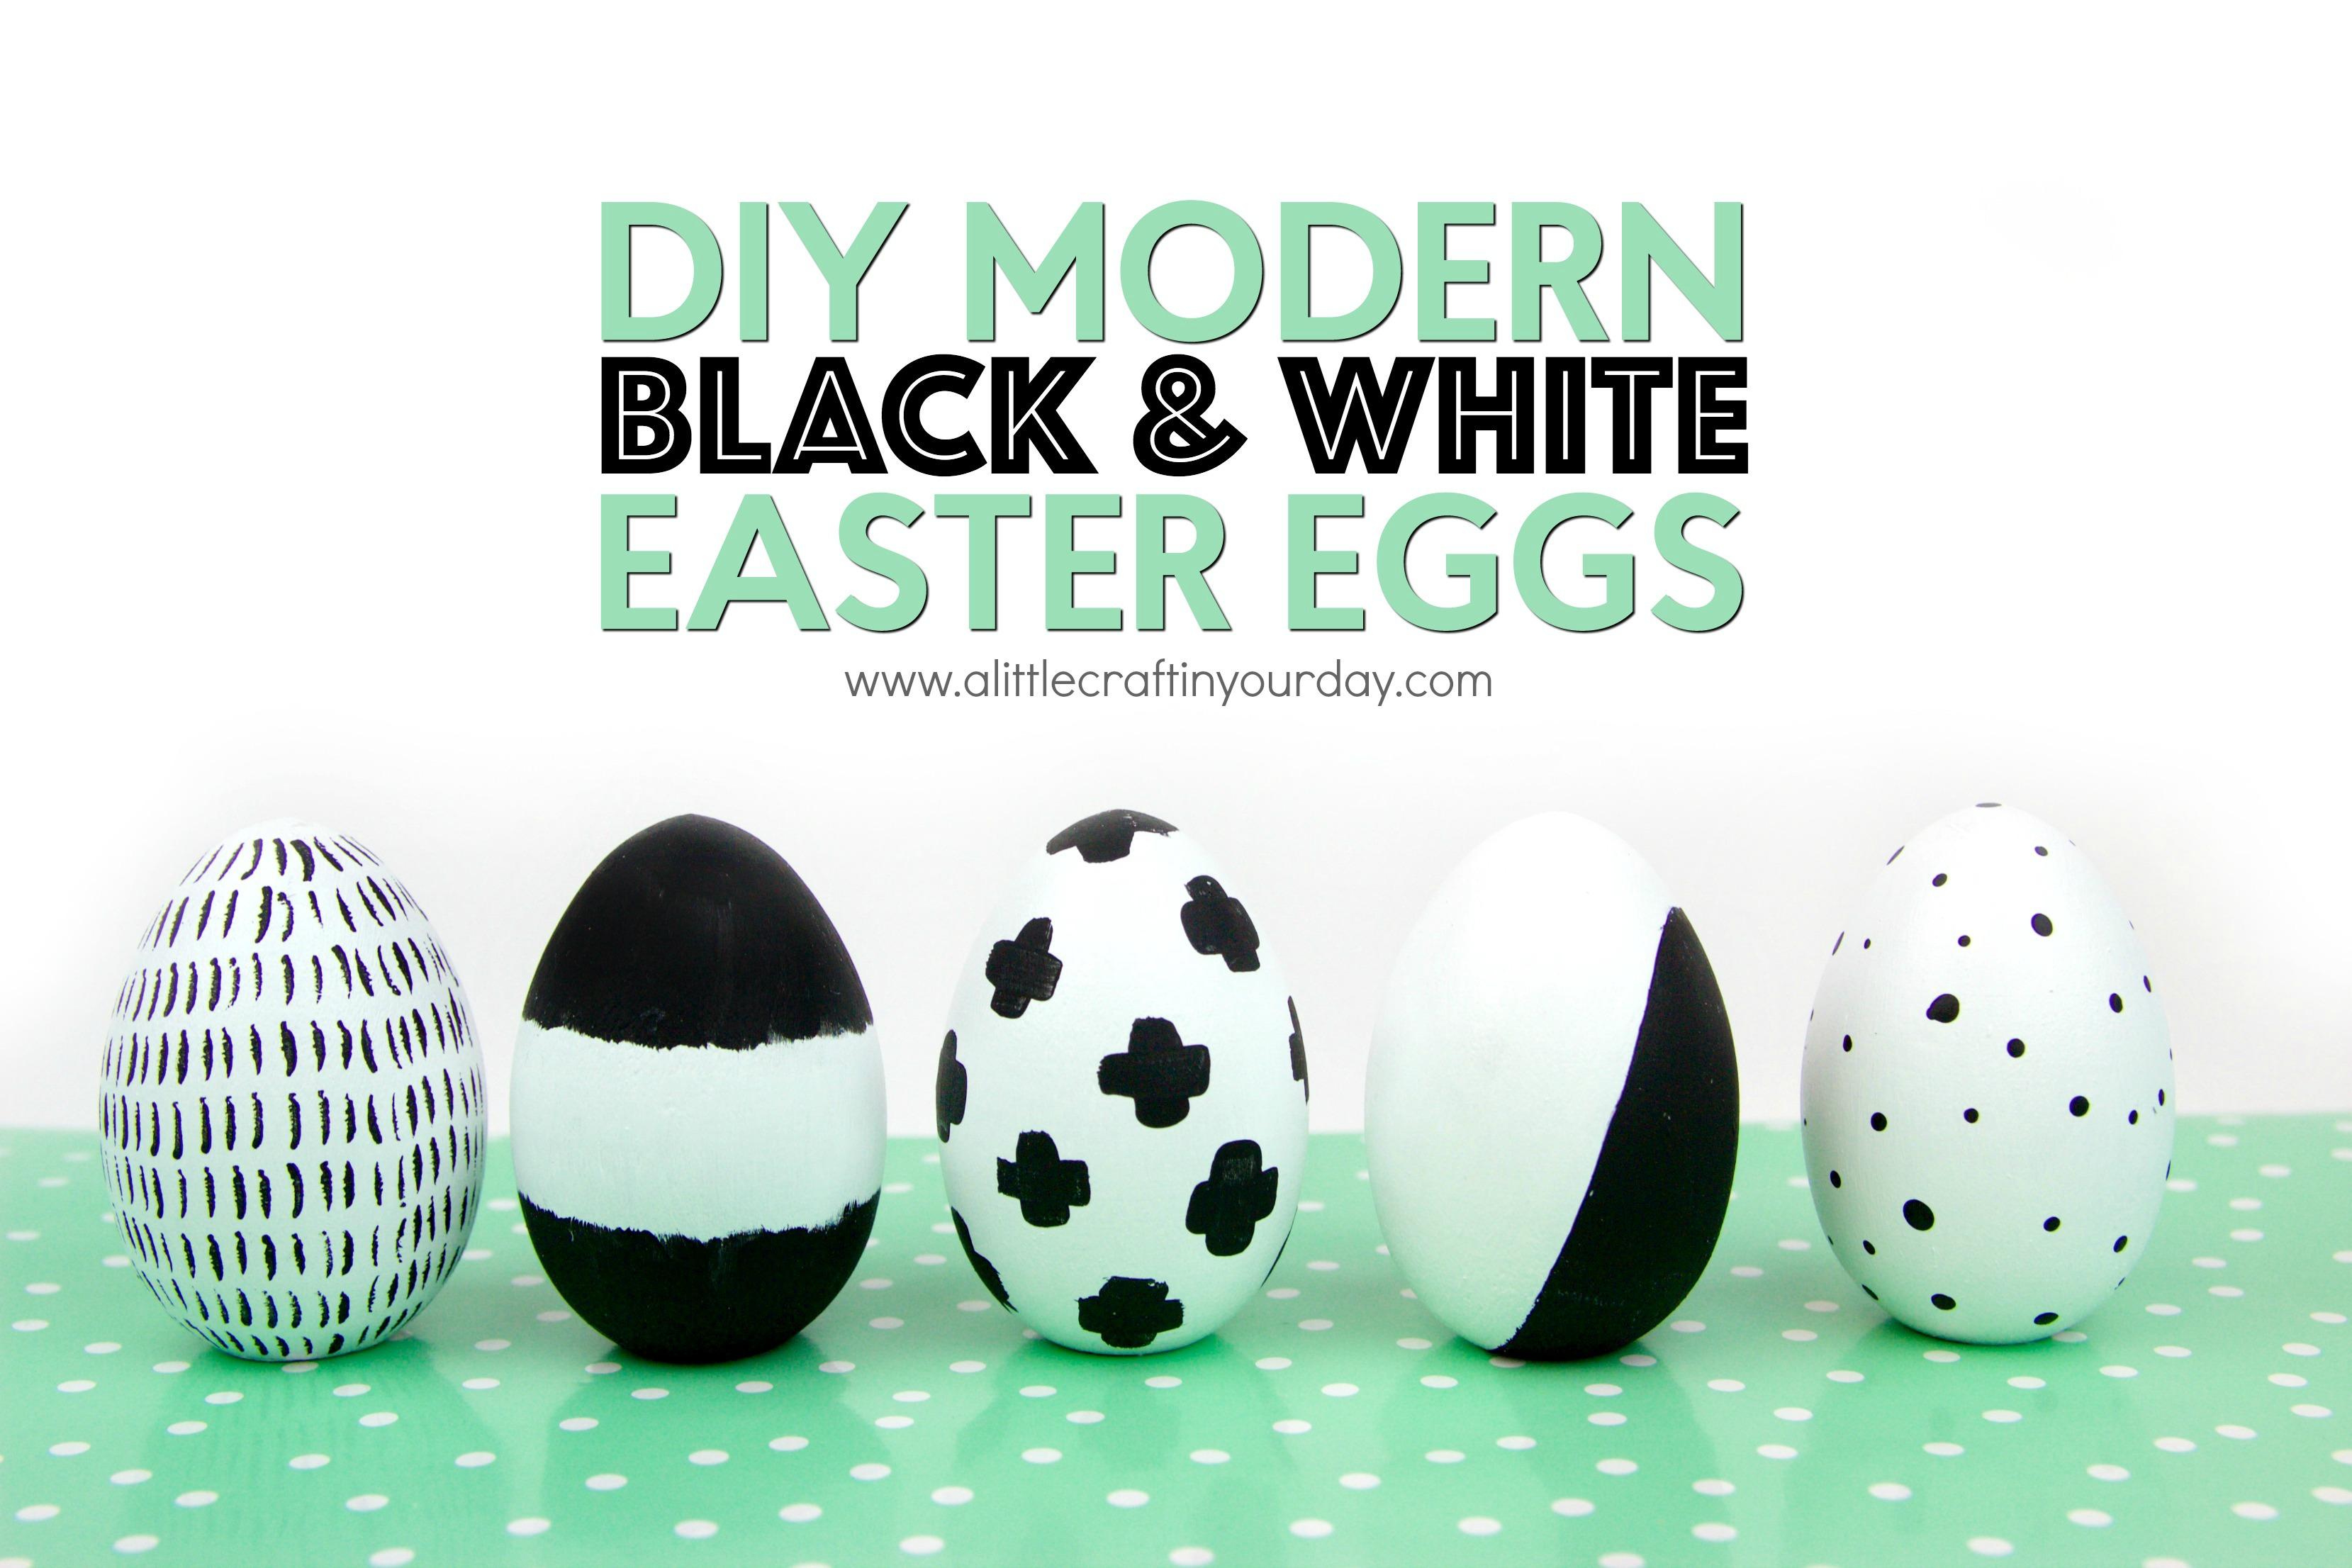 DIY_Modern_Black_and_white_easter_eggs